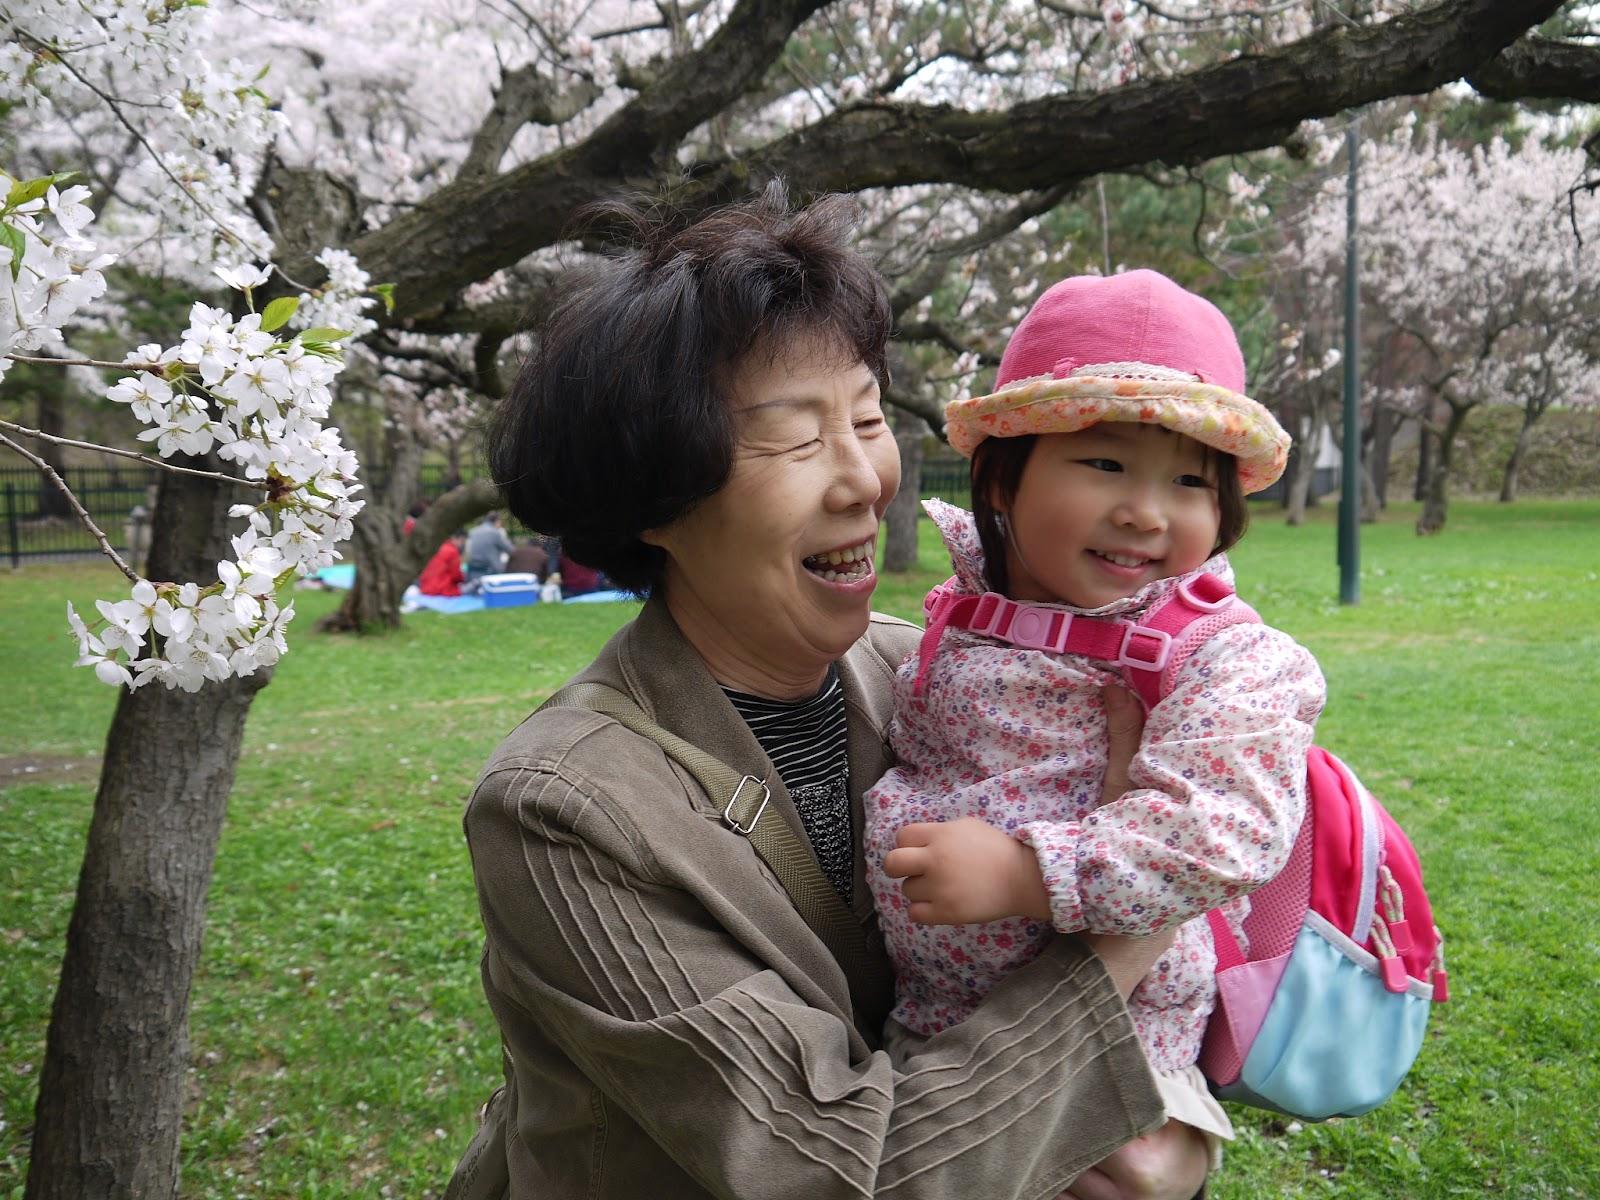 パパが車を取りに行った時にも「さわる」と抱っこを要求。 お腹の大きいママが難色を示すと、おばあち